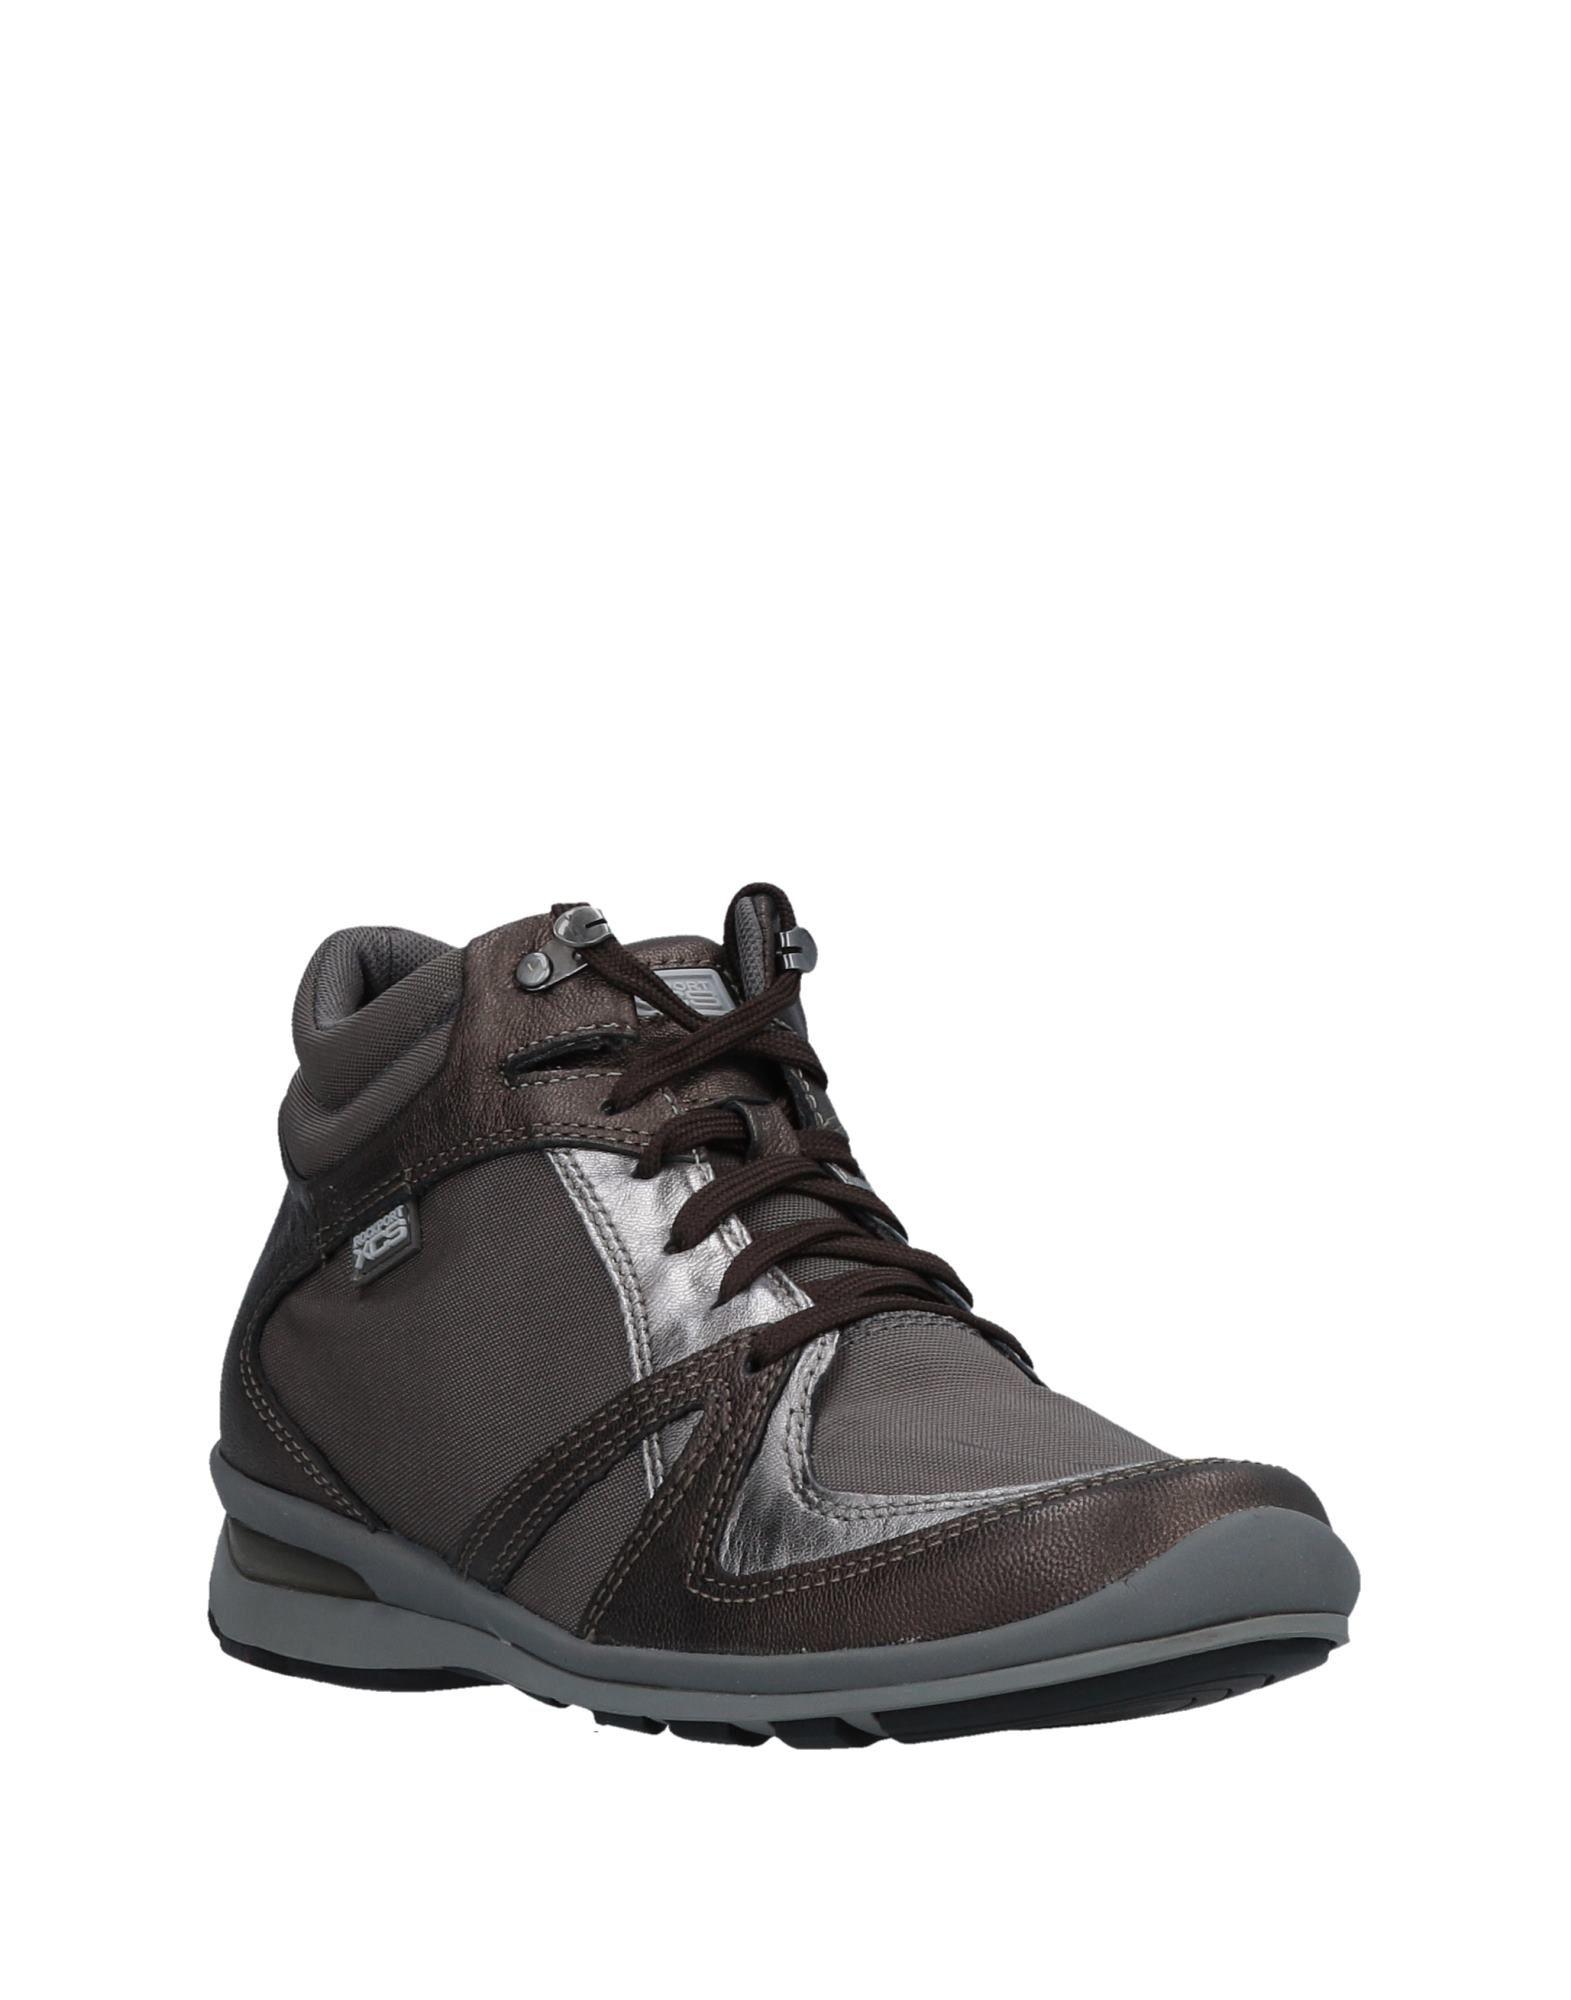 Rockport Sneakers Qualität Damen  11511622MV Gute Qualität Sneakers beliebte Schuhe aeab5d